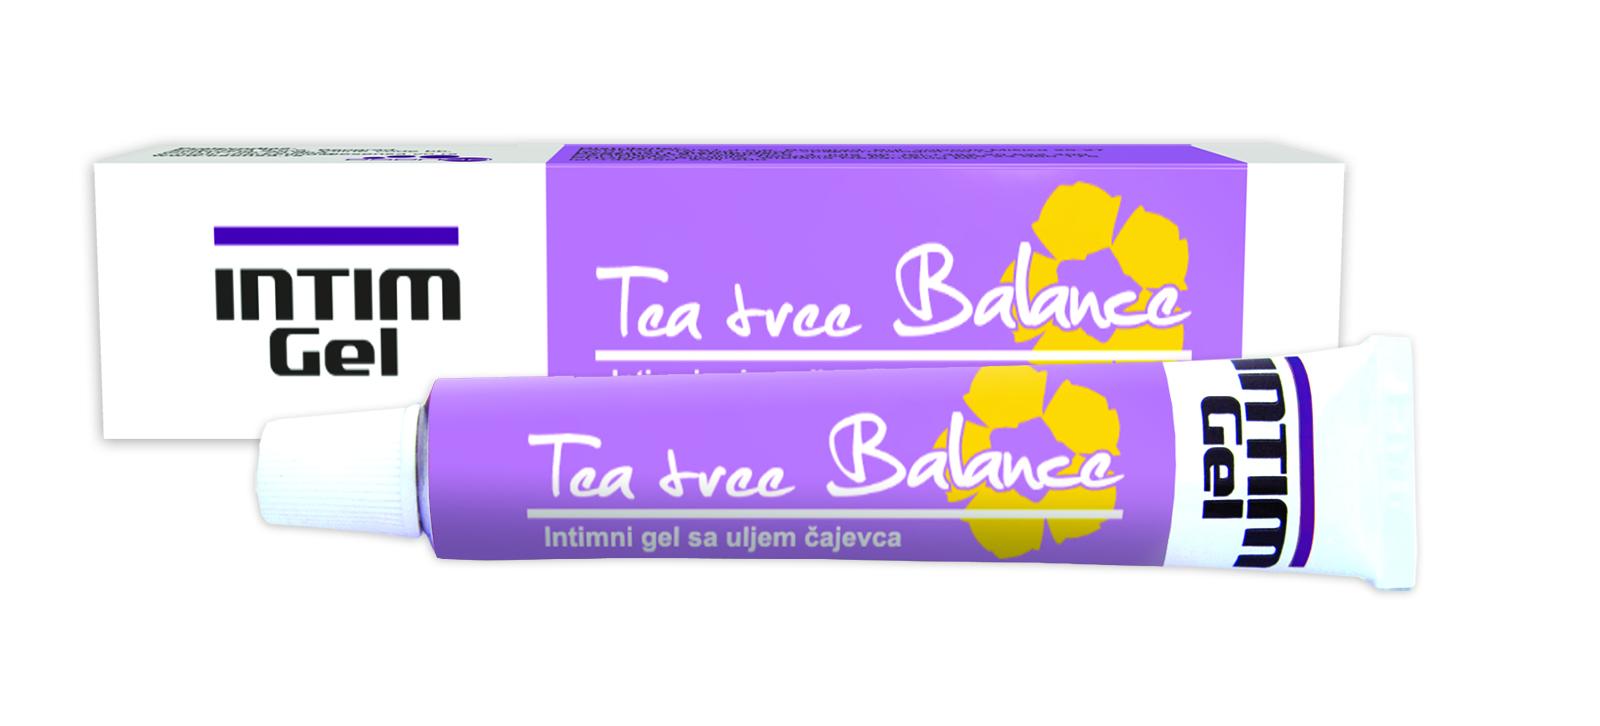 TeaTreeBalance Intimno zdravlje: Nega pre svega